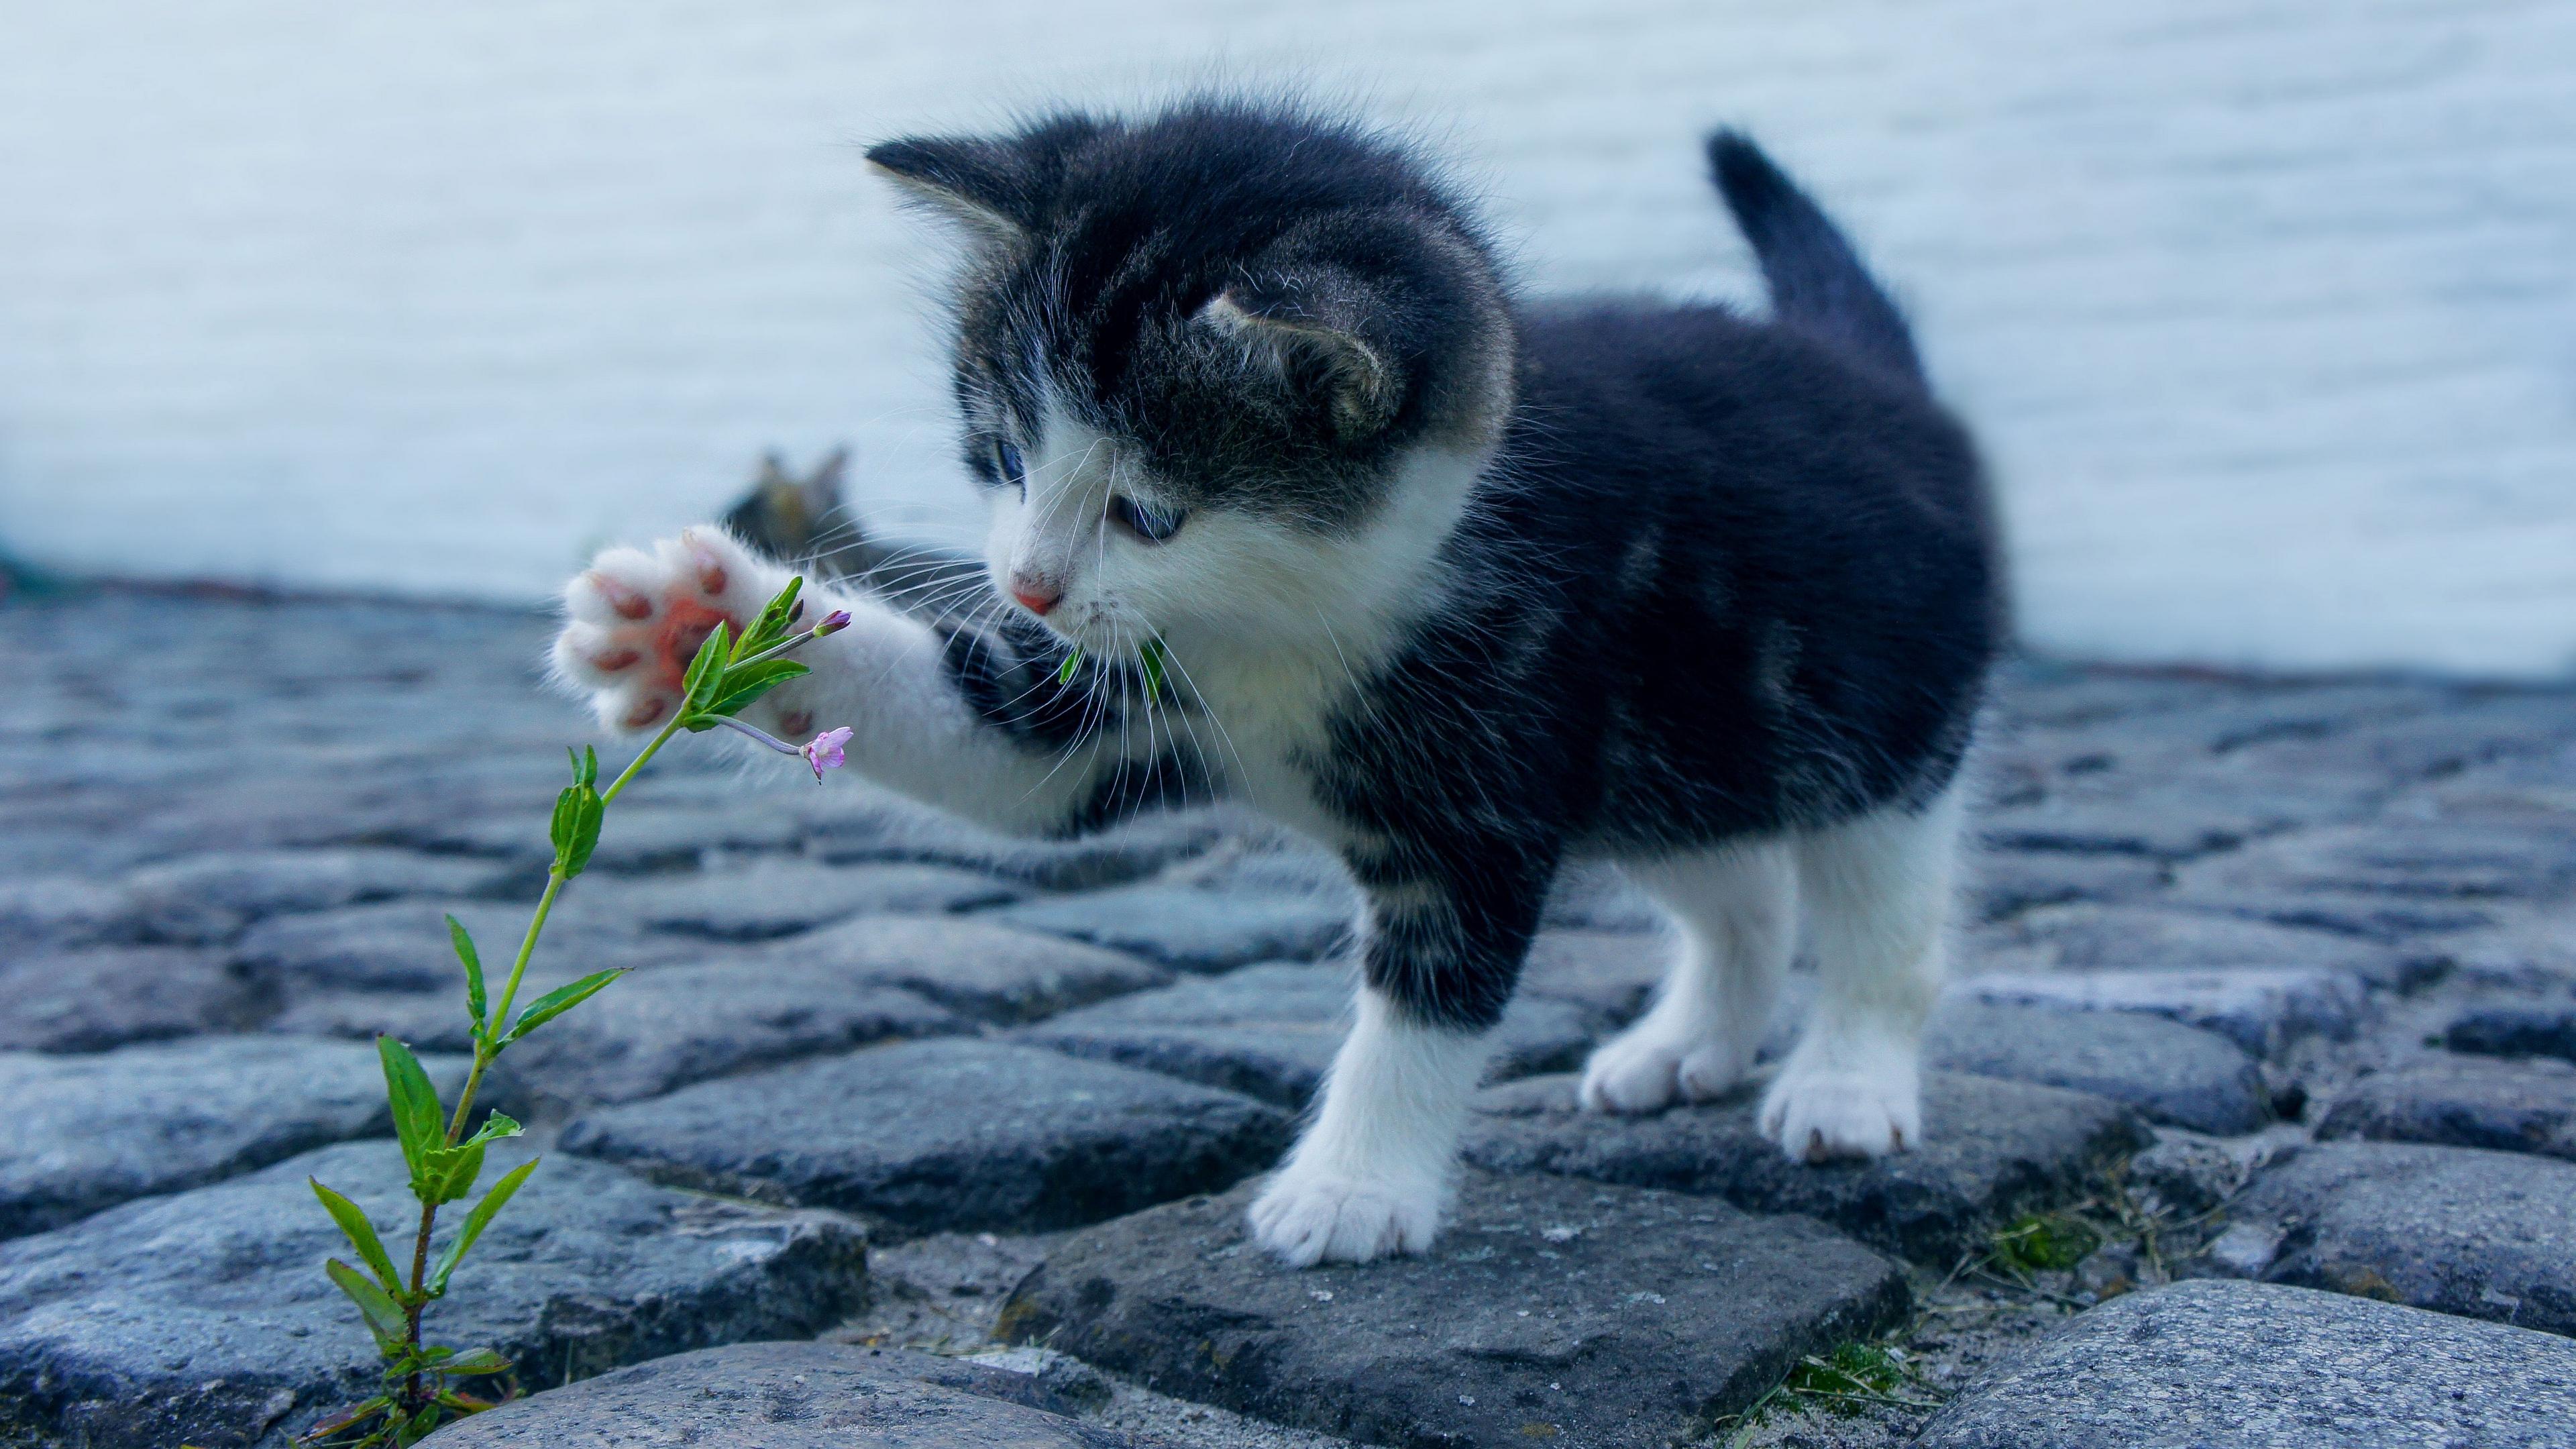 Wallpaper Kitten, Flower, Cute, Baby - 4k Baby Cat - HD Wallpaper